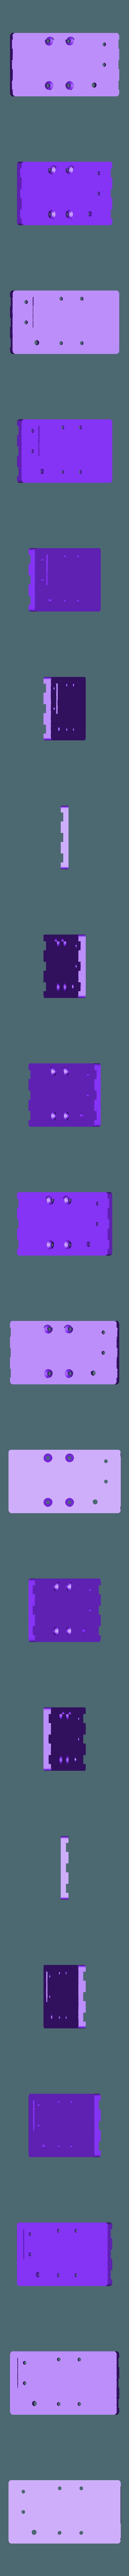 base.STL Télécharger fichier STL gratuit Machine universelle pour tour miniature • Modèle pour imprimante 3D, perinski